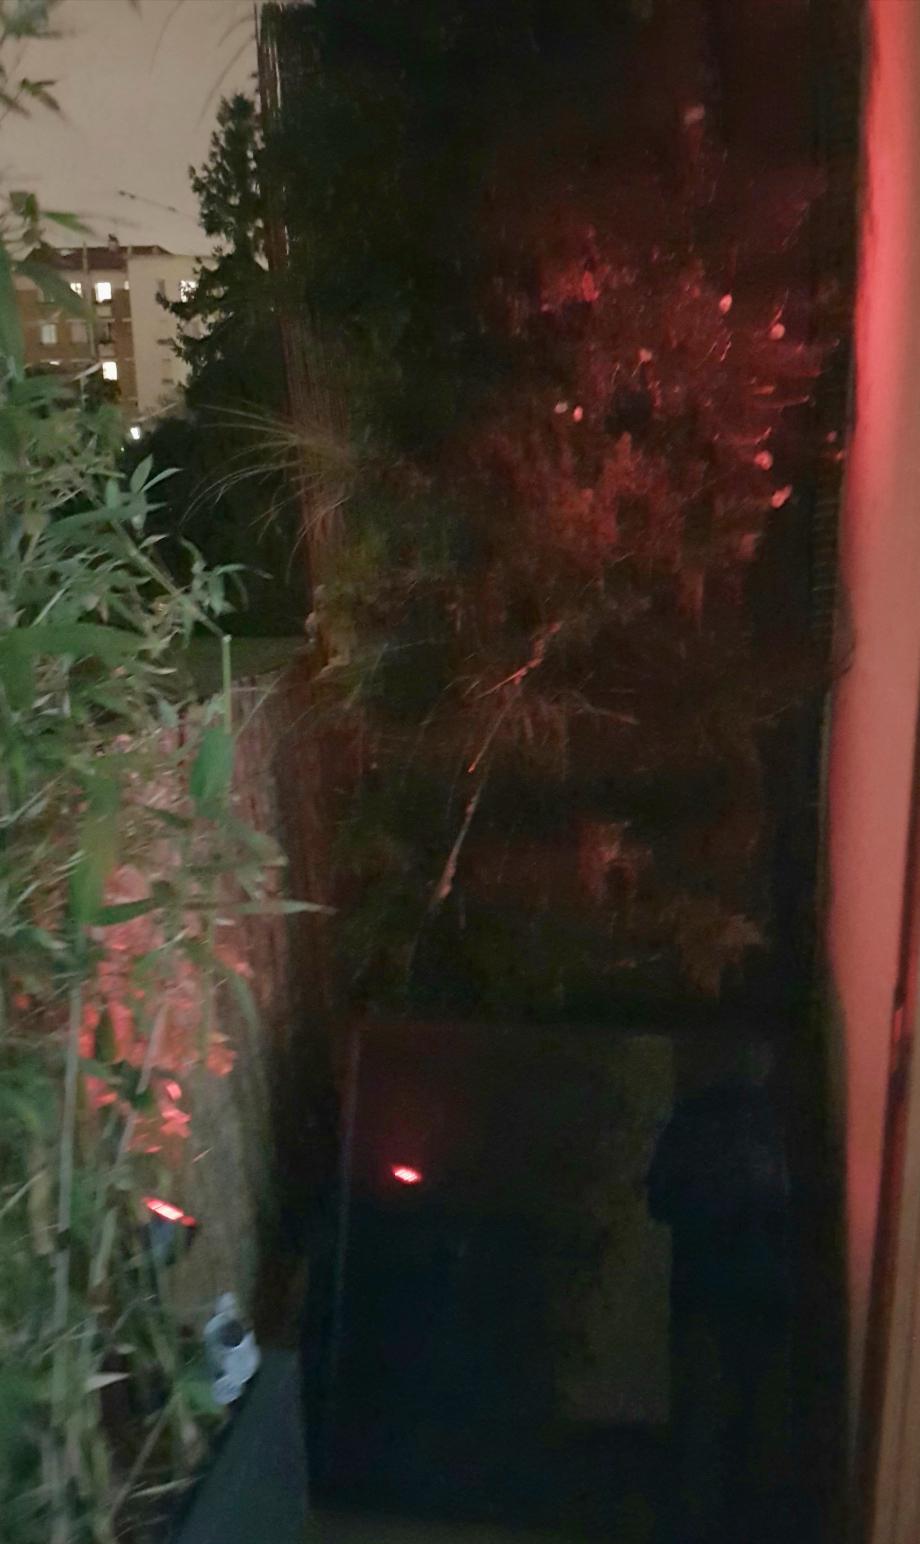 Eclairage rouge mur extérieur 23 dec 17.jpg